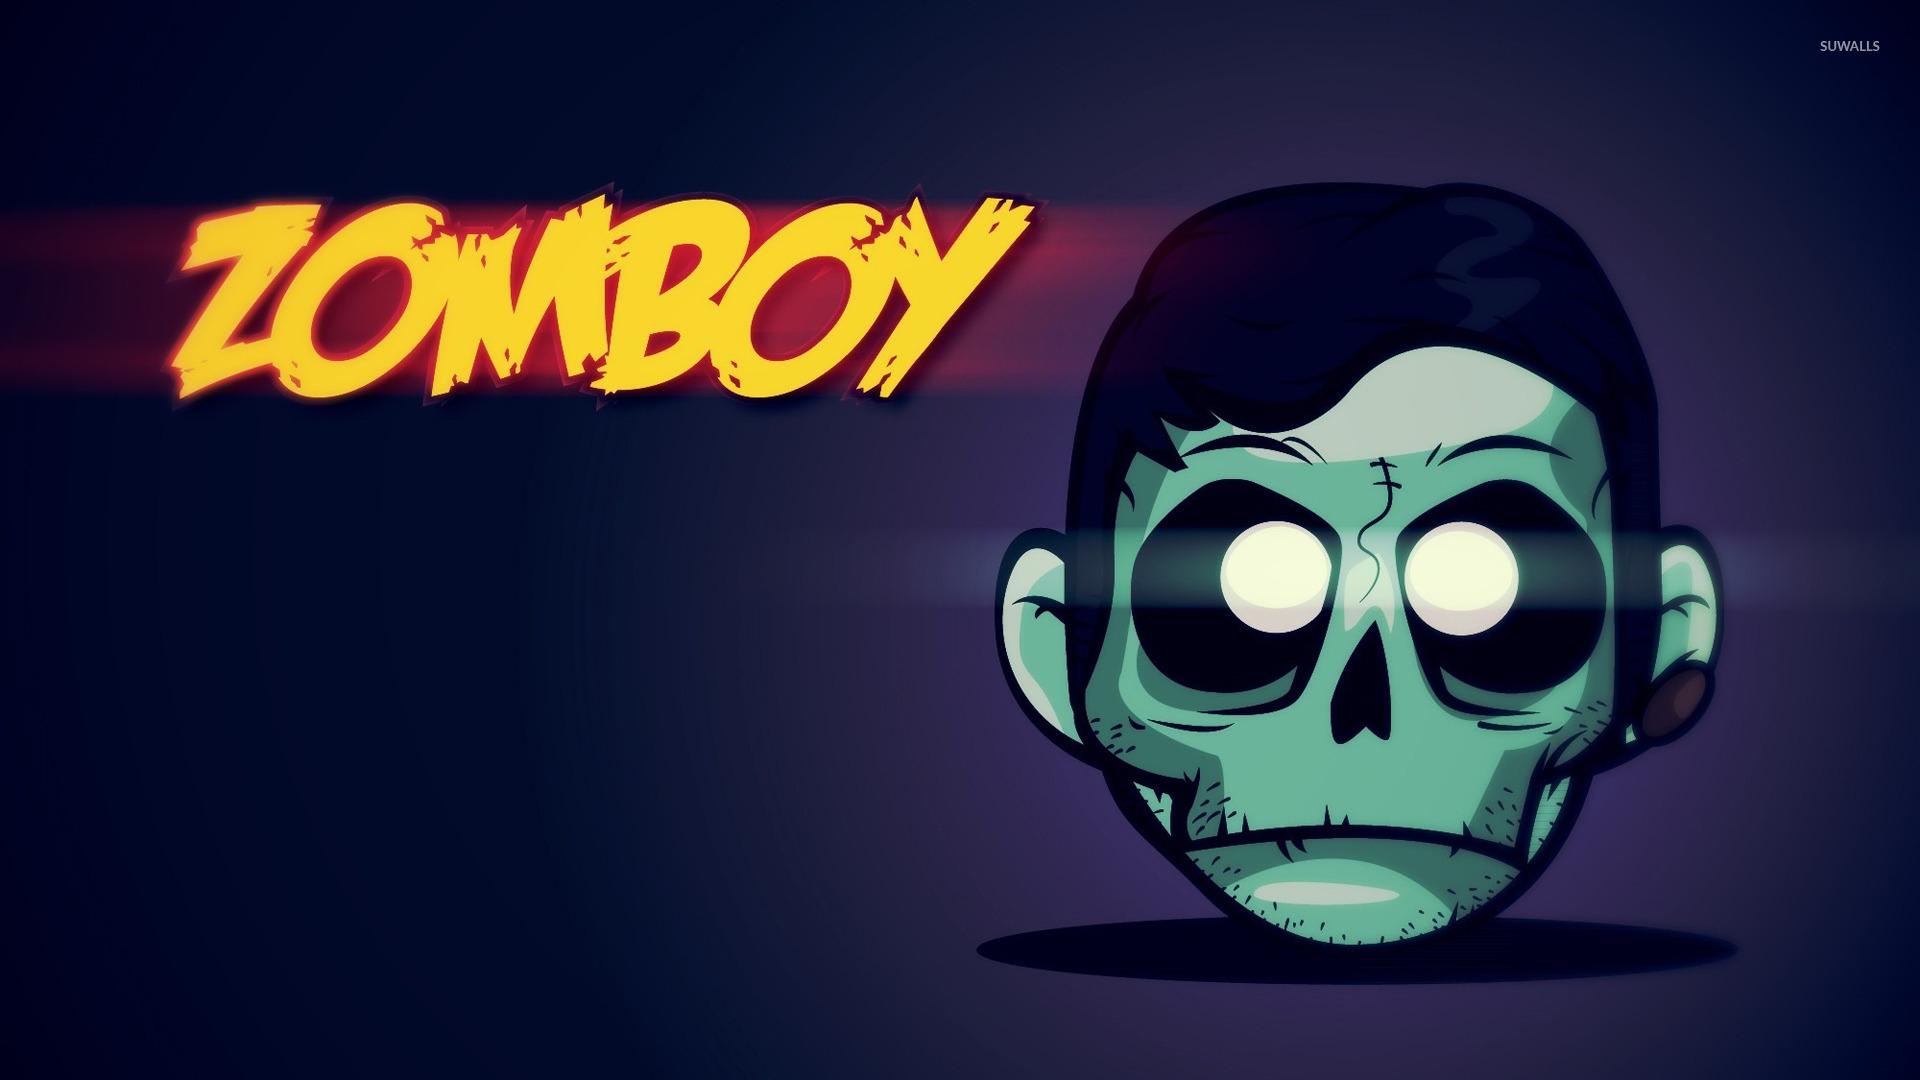 zomboy scrimger richard